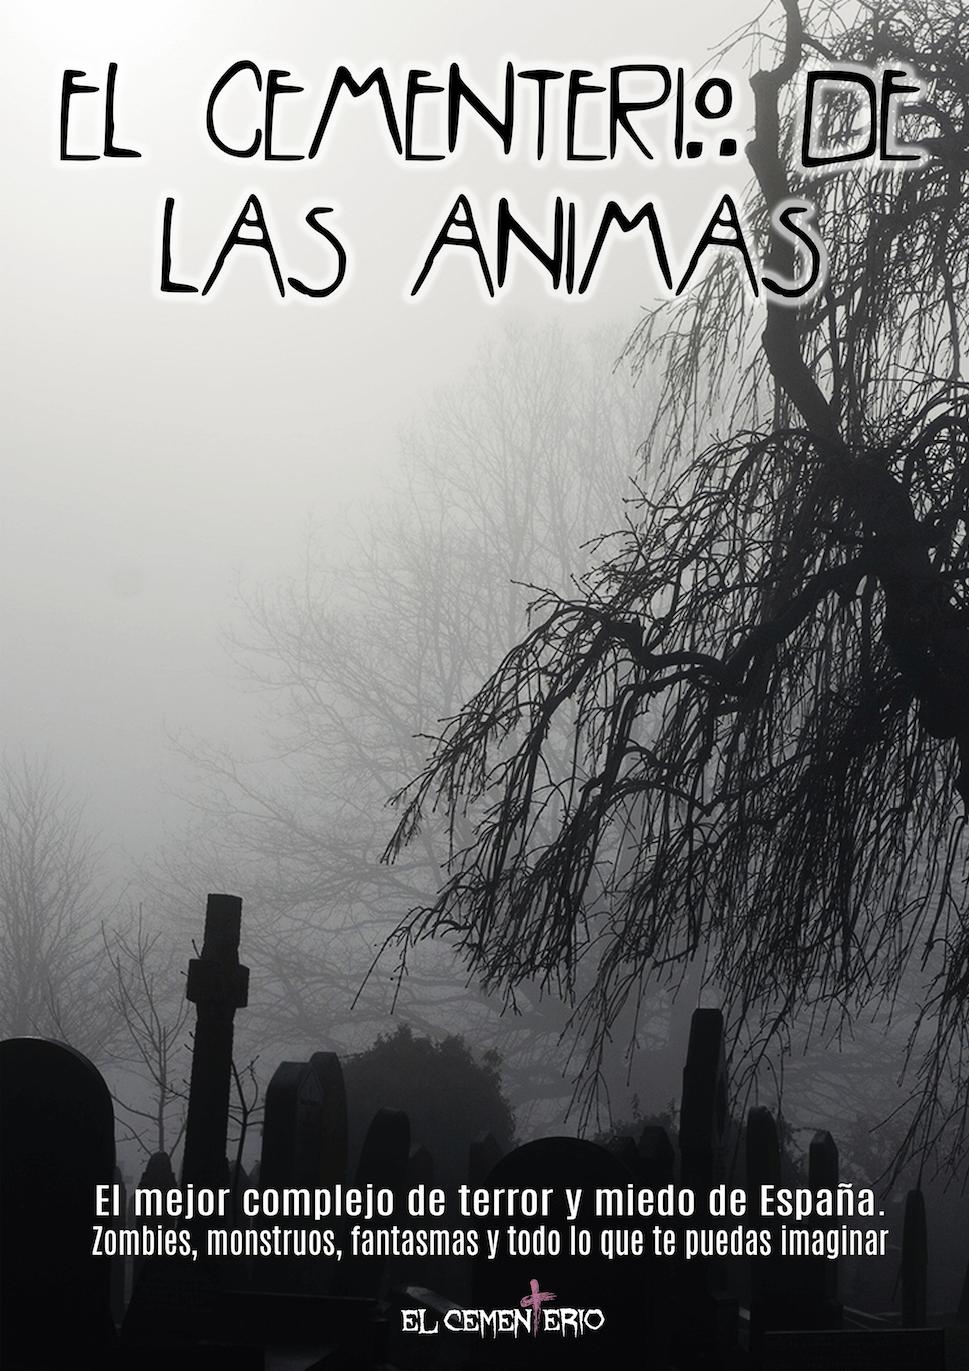 cementerio de las animas